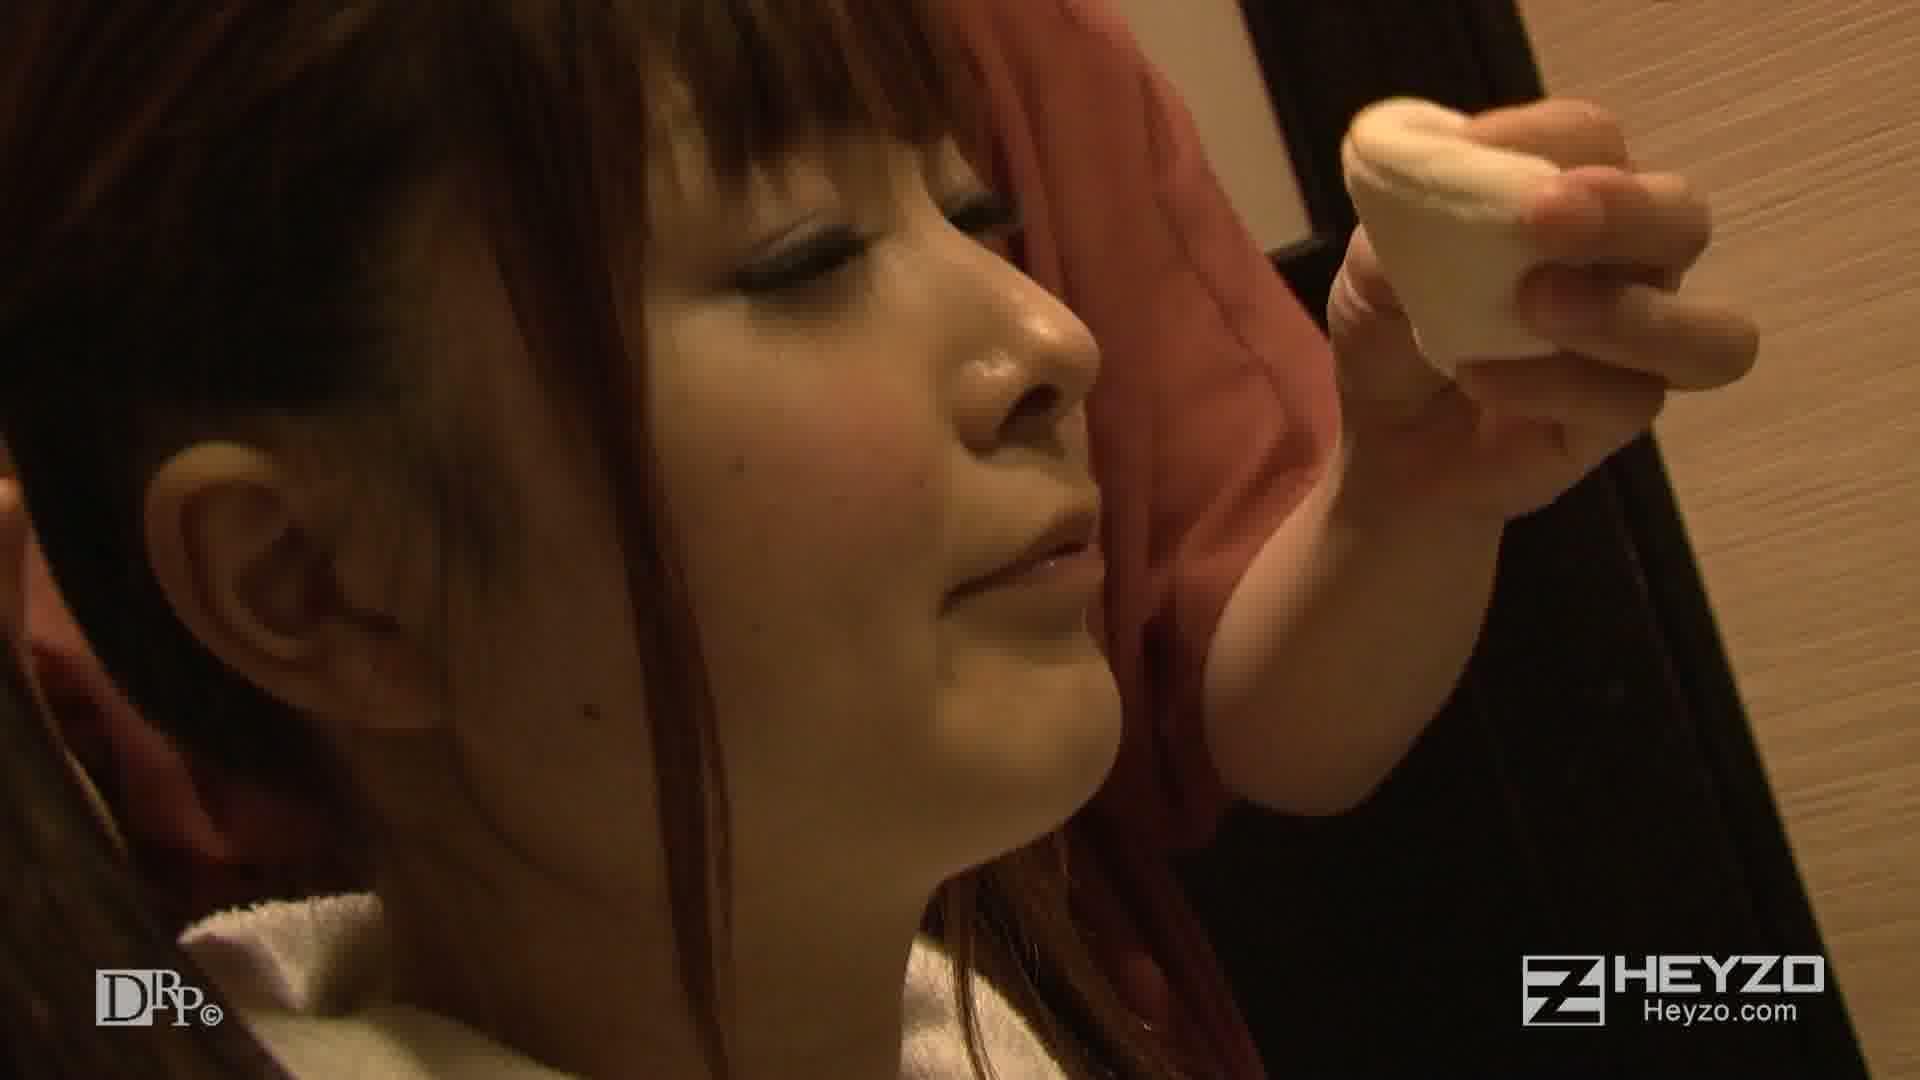 着エロアイドルの枕営業~業界のしきたりはピンク色~ - 浜崎翔子【撮影】